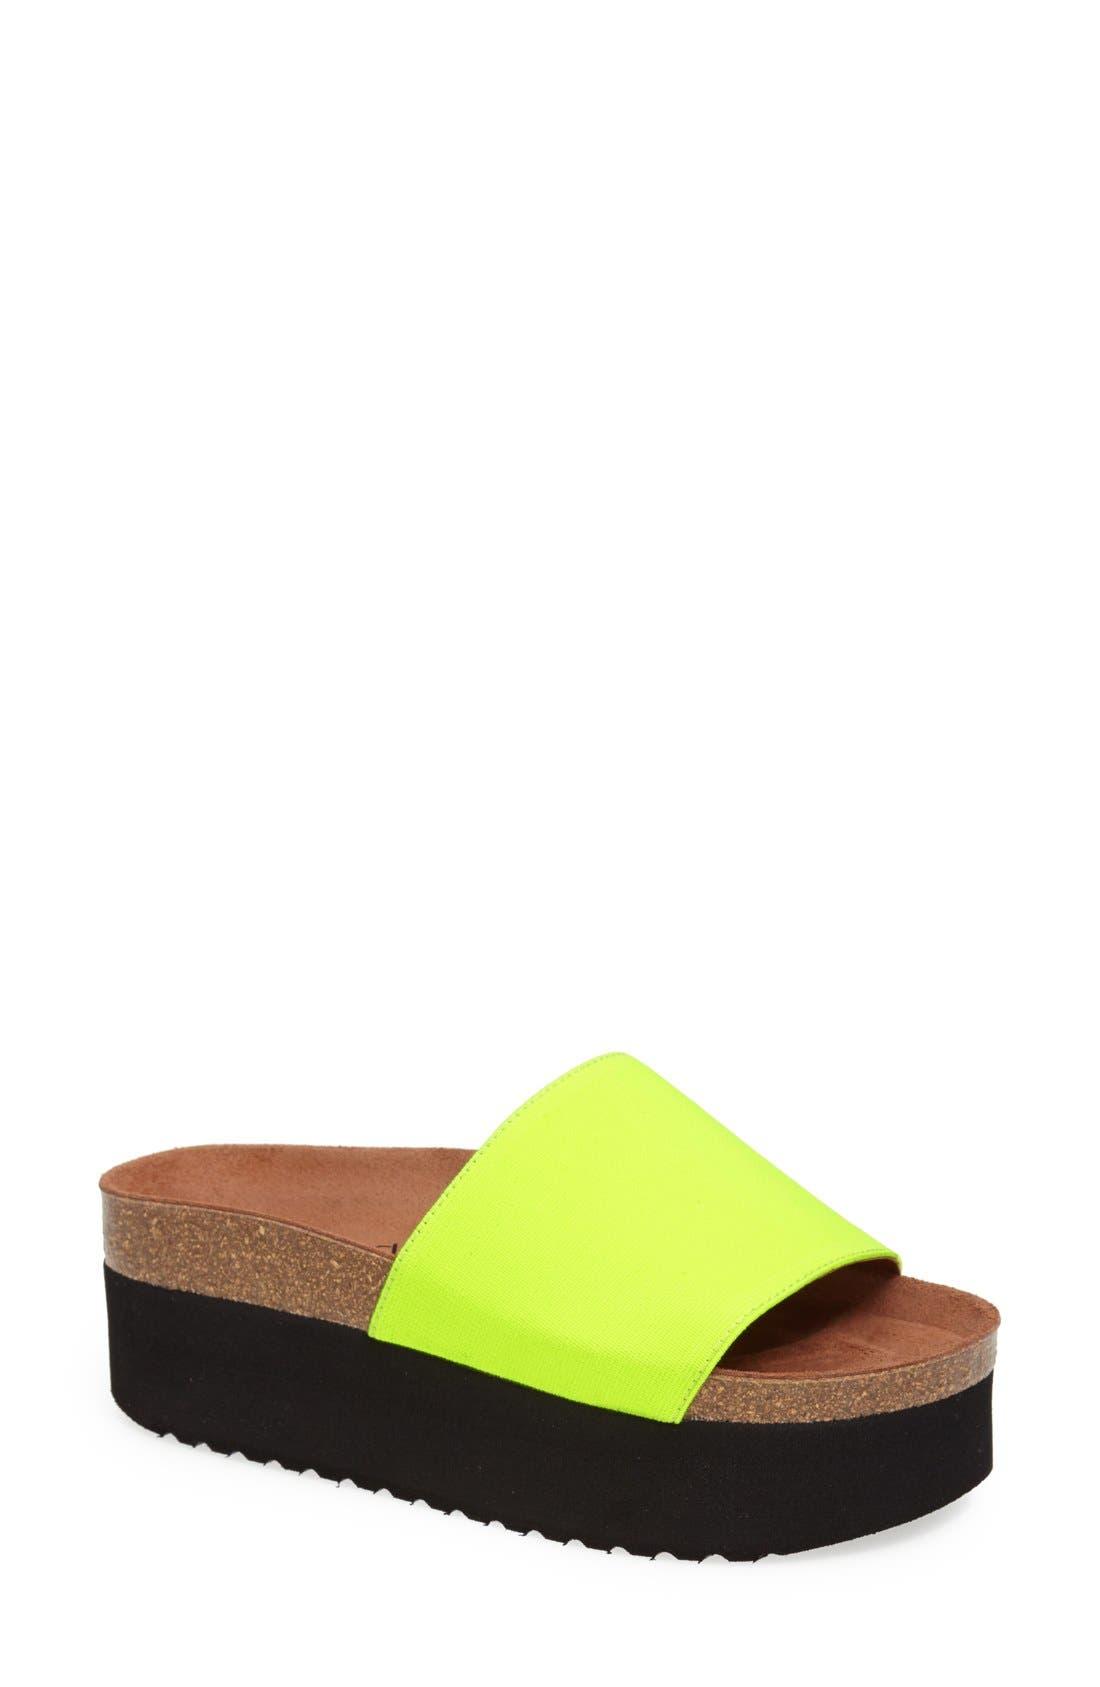 Alternate Image 1 Selected - SIXTYSEVEN 'Isa' Platform Sandal (Women)